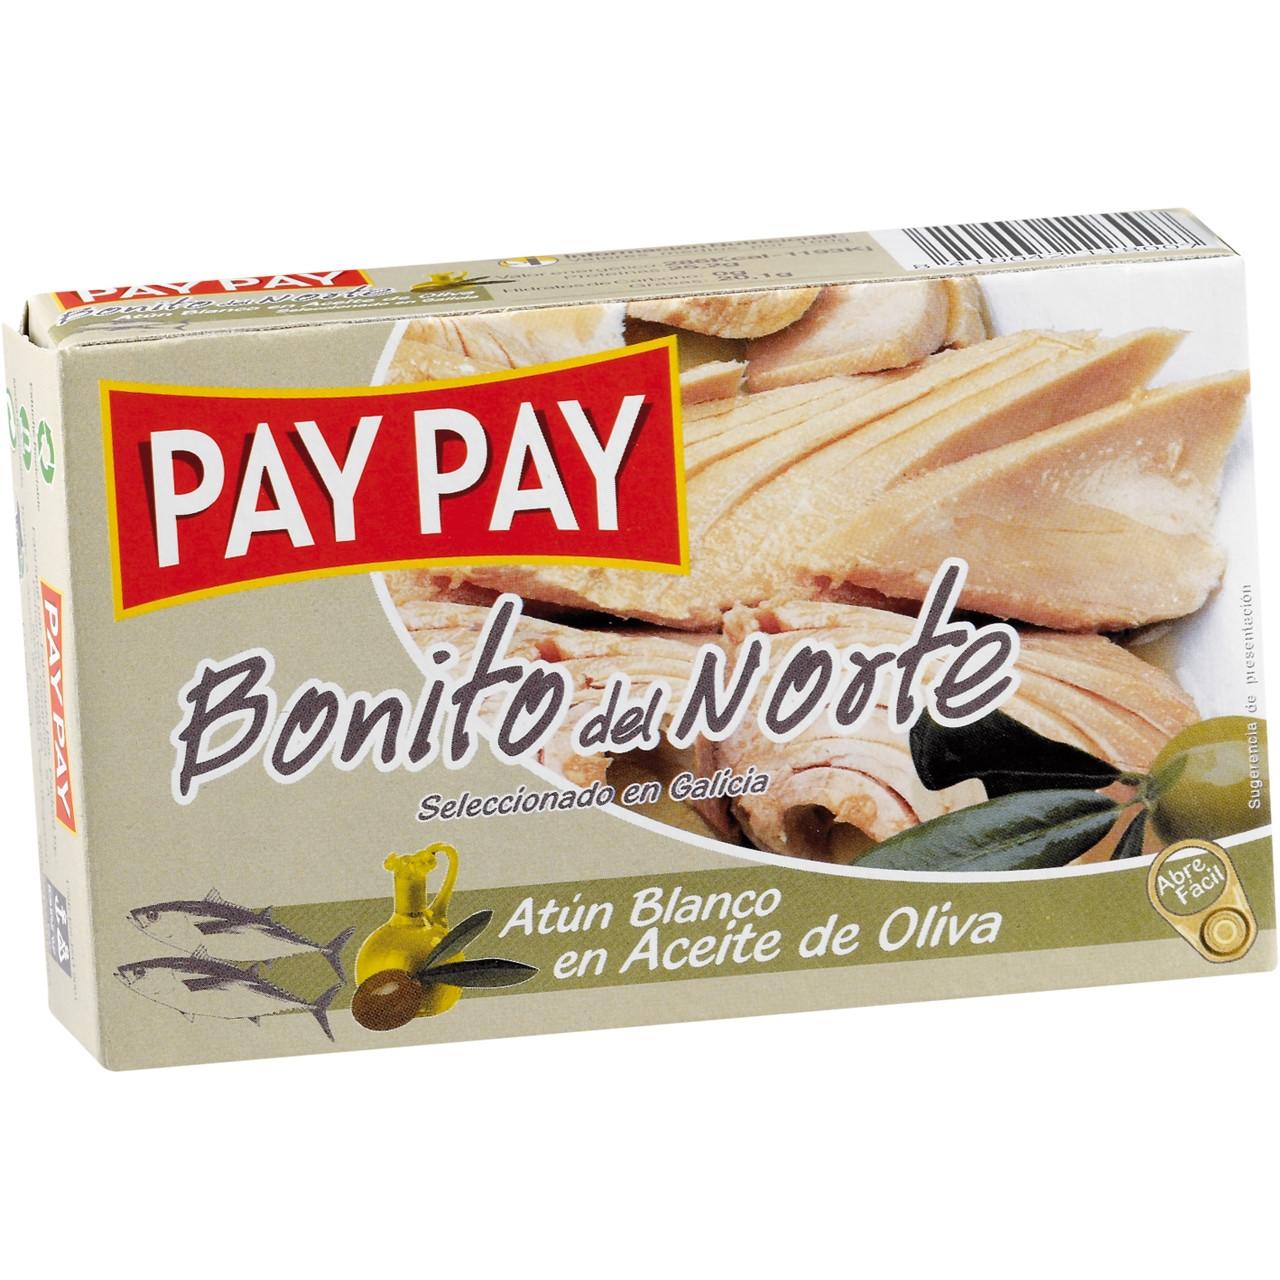 Bonitol oli oliva ol120 pay pay f.o.